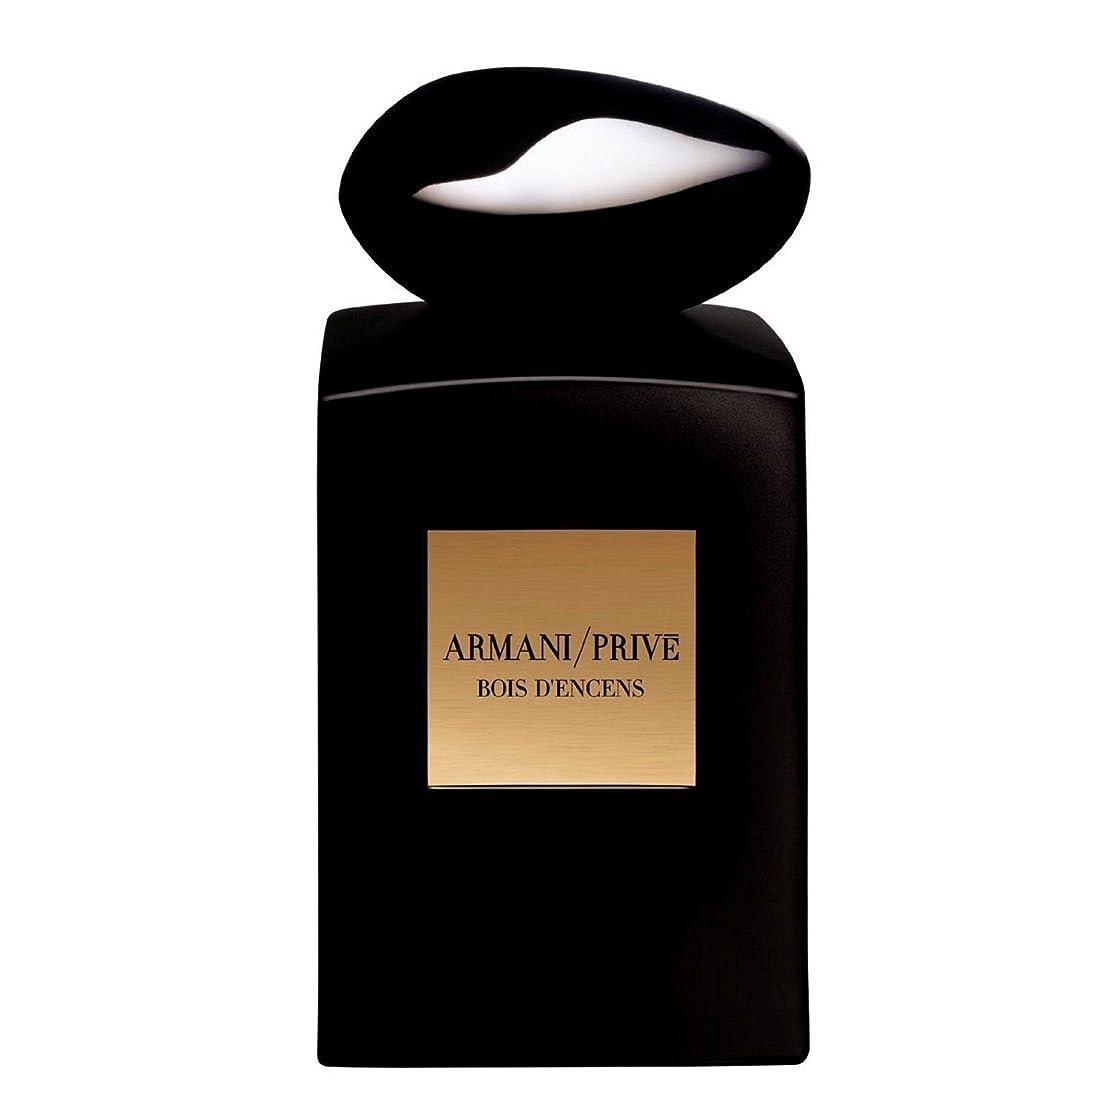 チャンス怒って予防接種するジョルジオアルマーニ Prive Bois D'Encens Eau De Parfum Spray 100ml/3.4oz並行輸入品